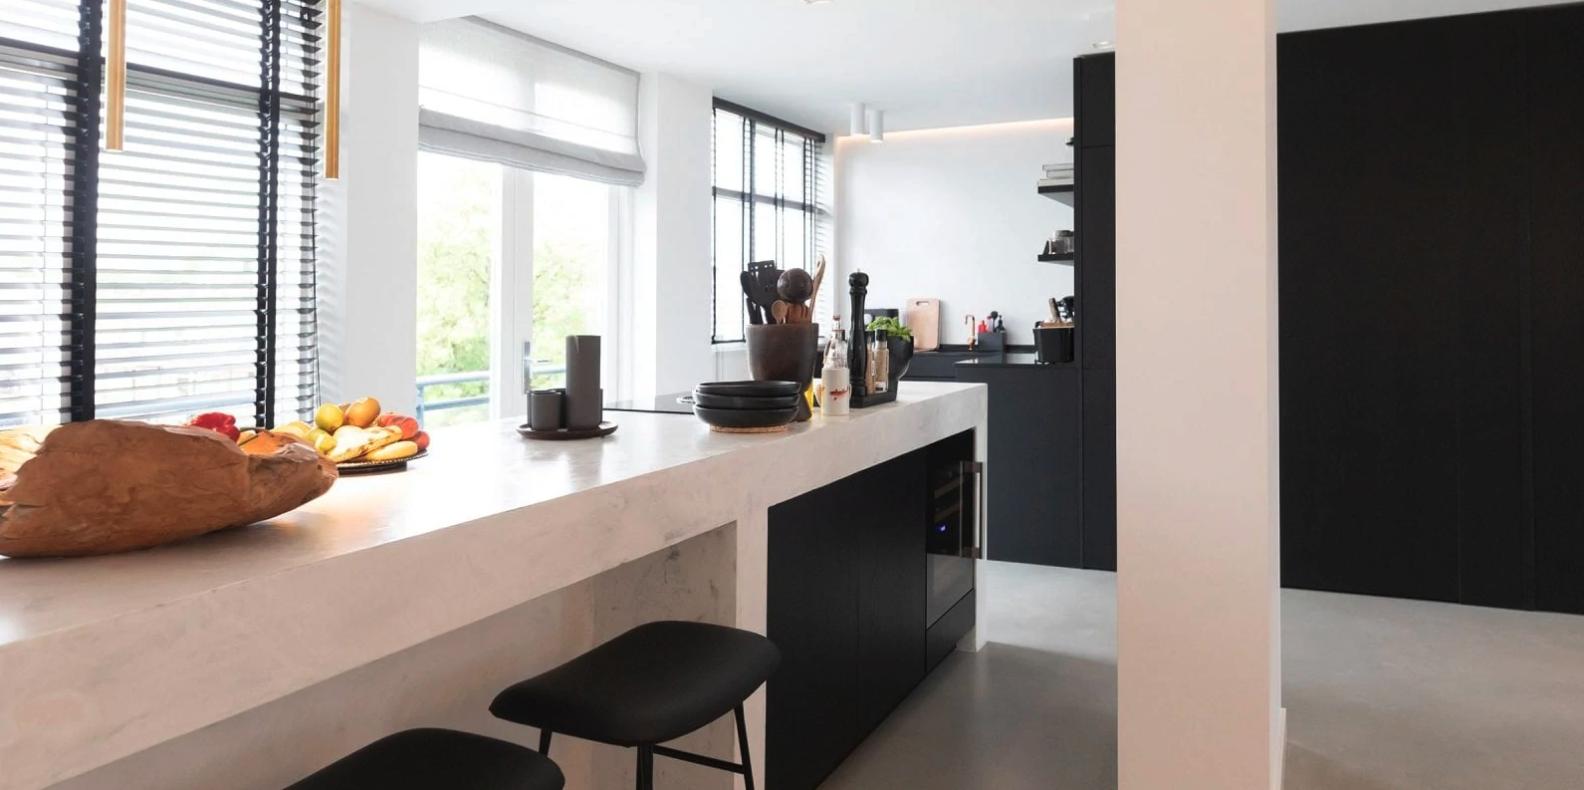 Moderne Keuken Op Maat Door Atelier 19 DelftModerne Keuken Op Maat Door Atelier 19 Delft